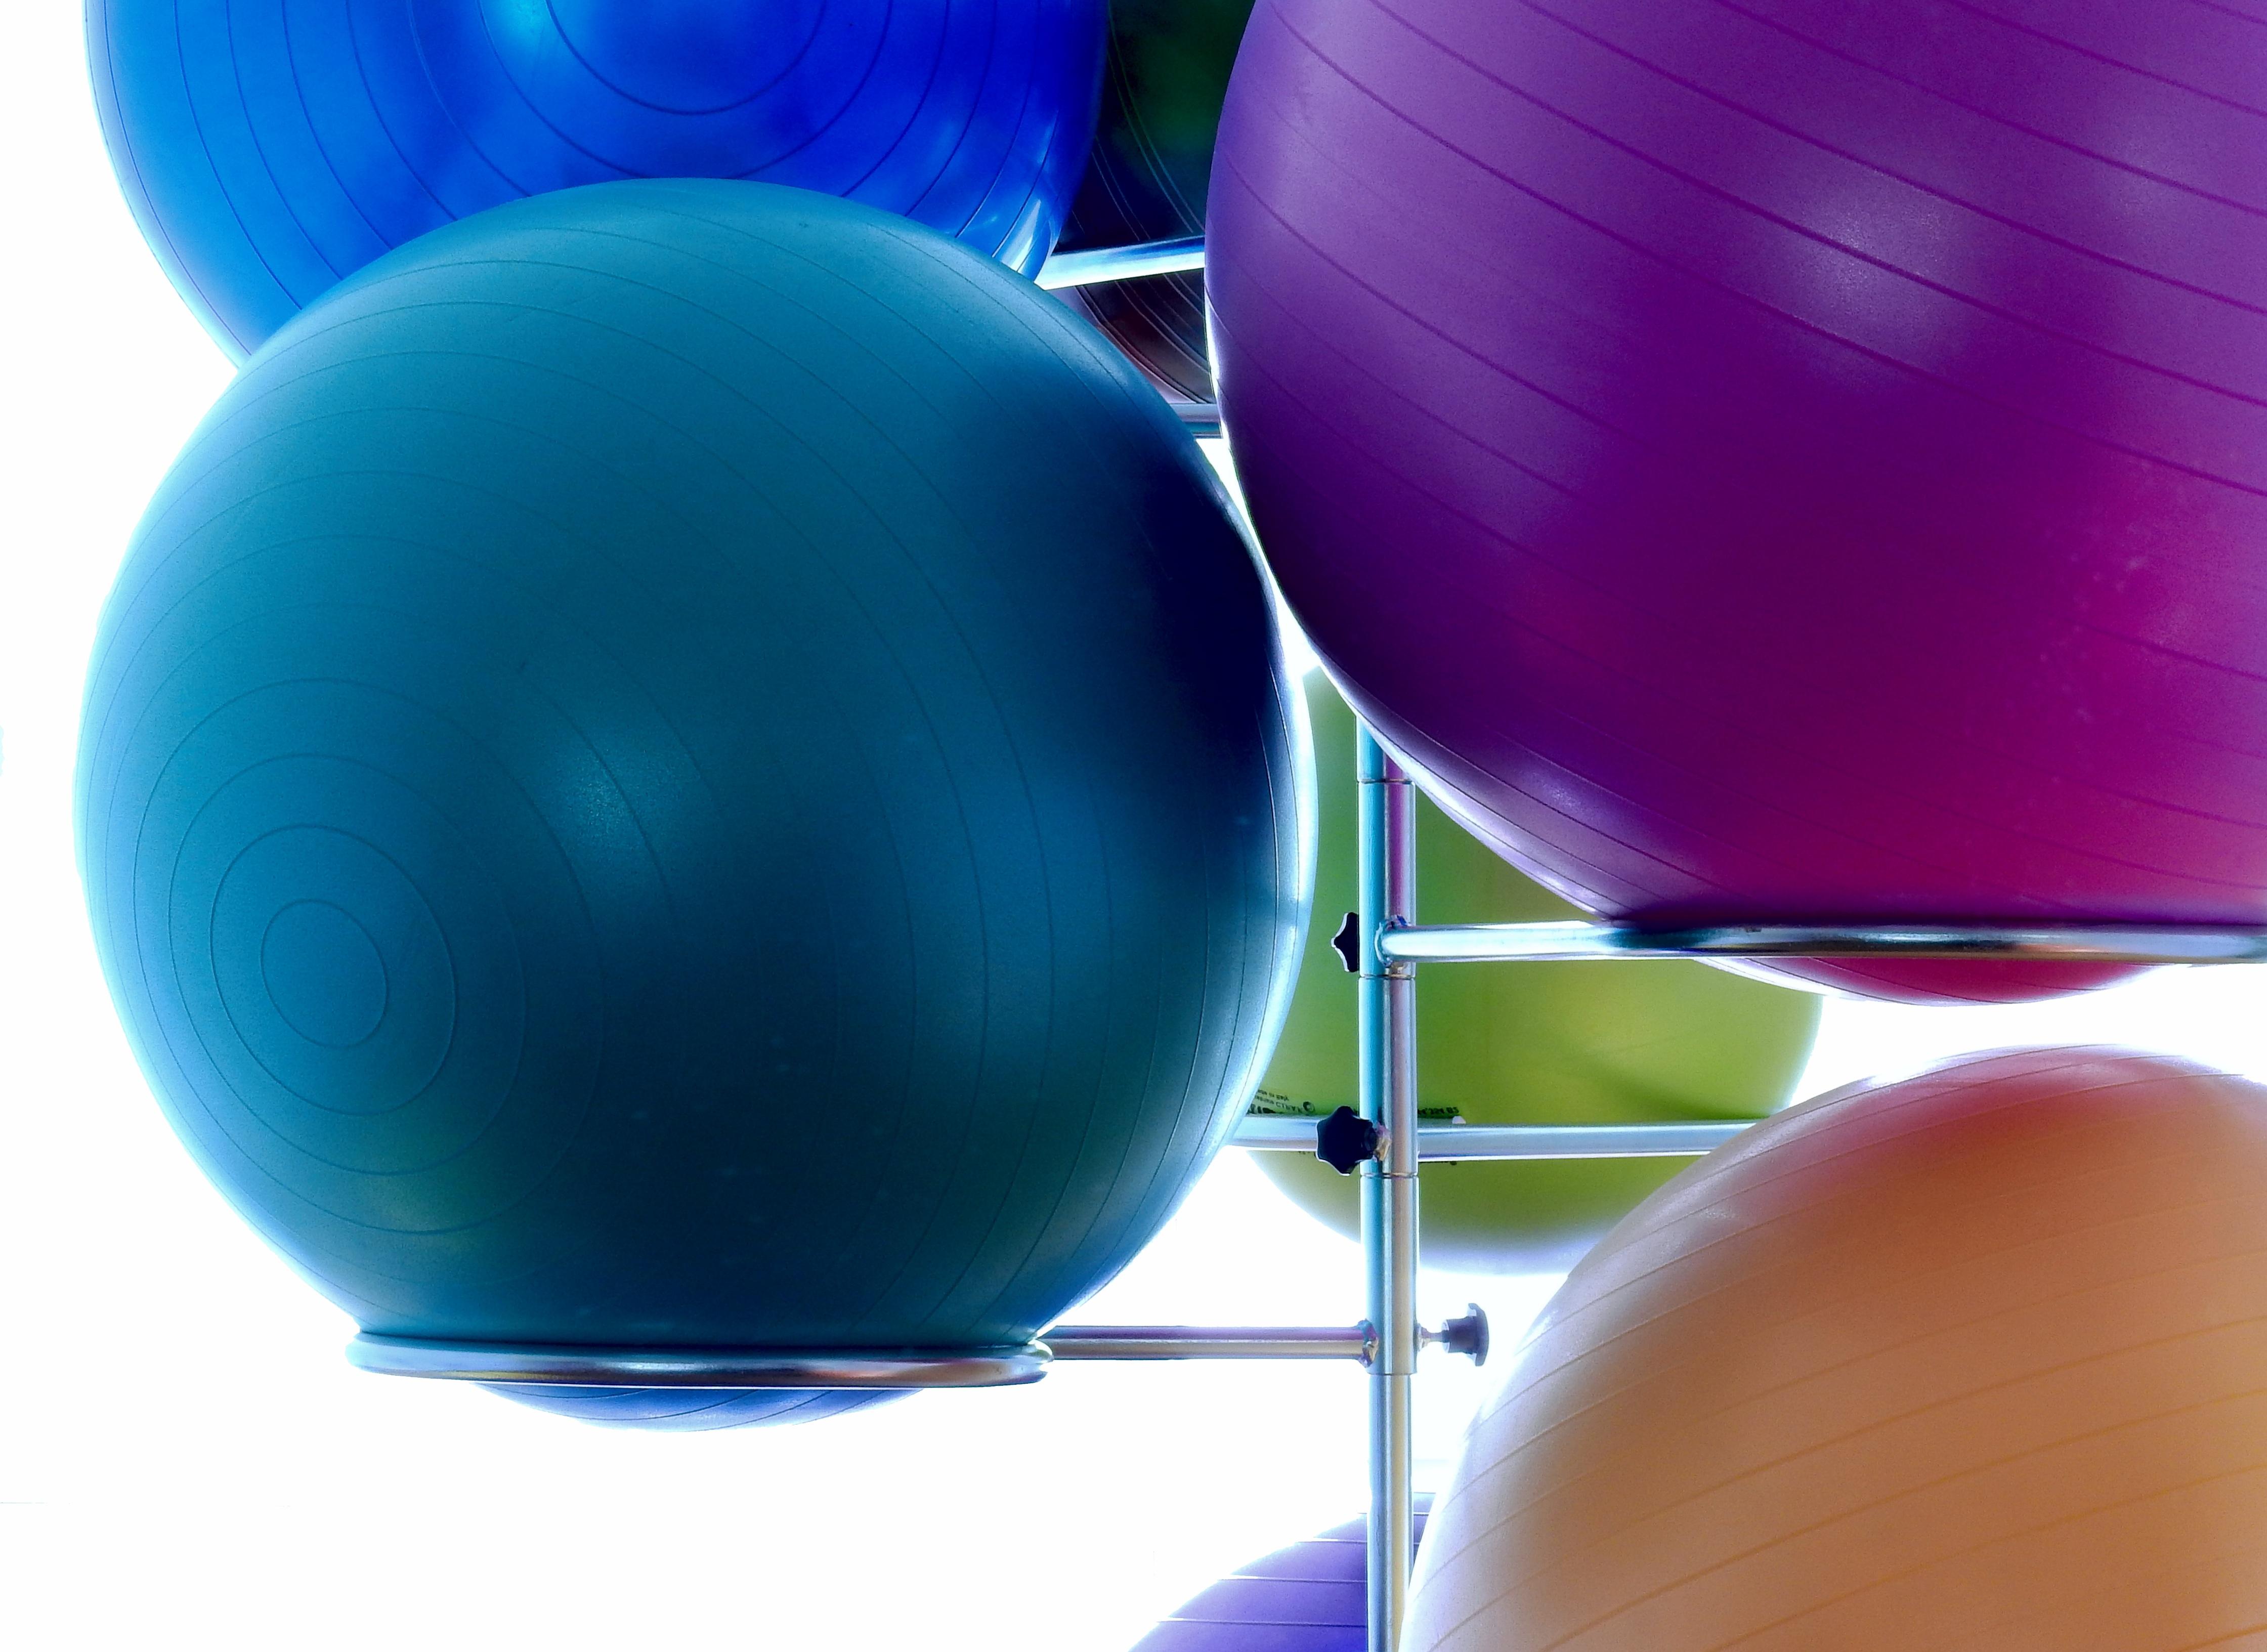 Fotos gratis : redondo, púrpura, globo, decoración, patrón, vistoso ...